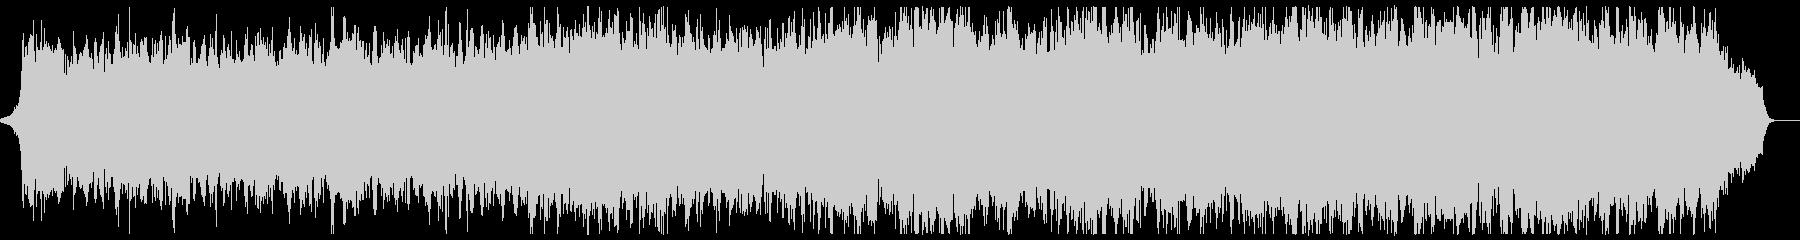 明るく上品なピアノ管弦楽:フル1回の未再生の波形